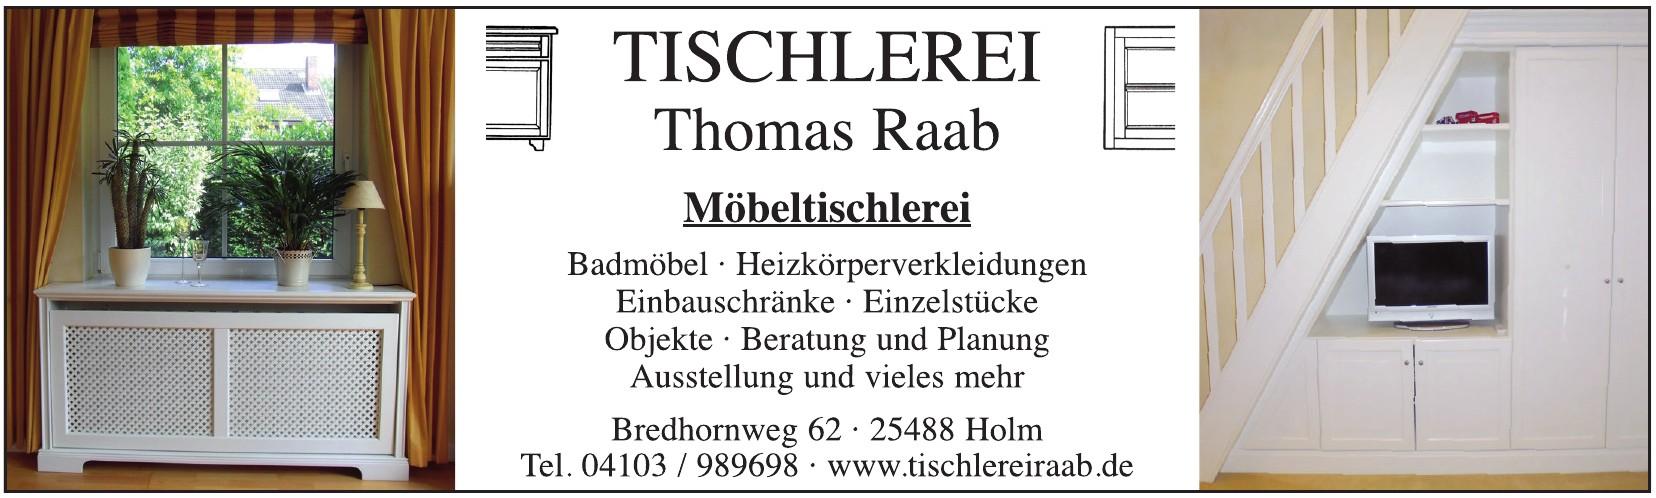 Tischlerei - Thomas Raab